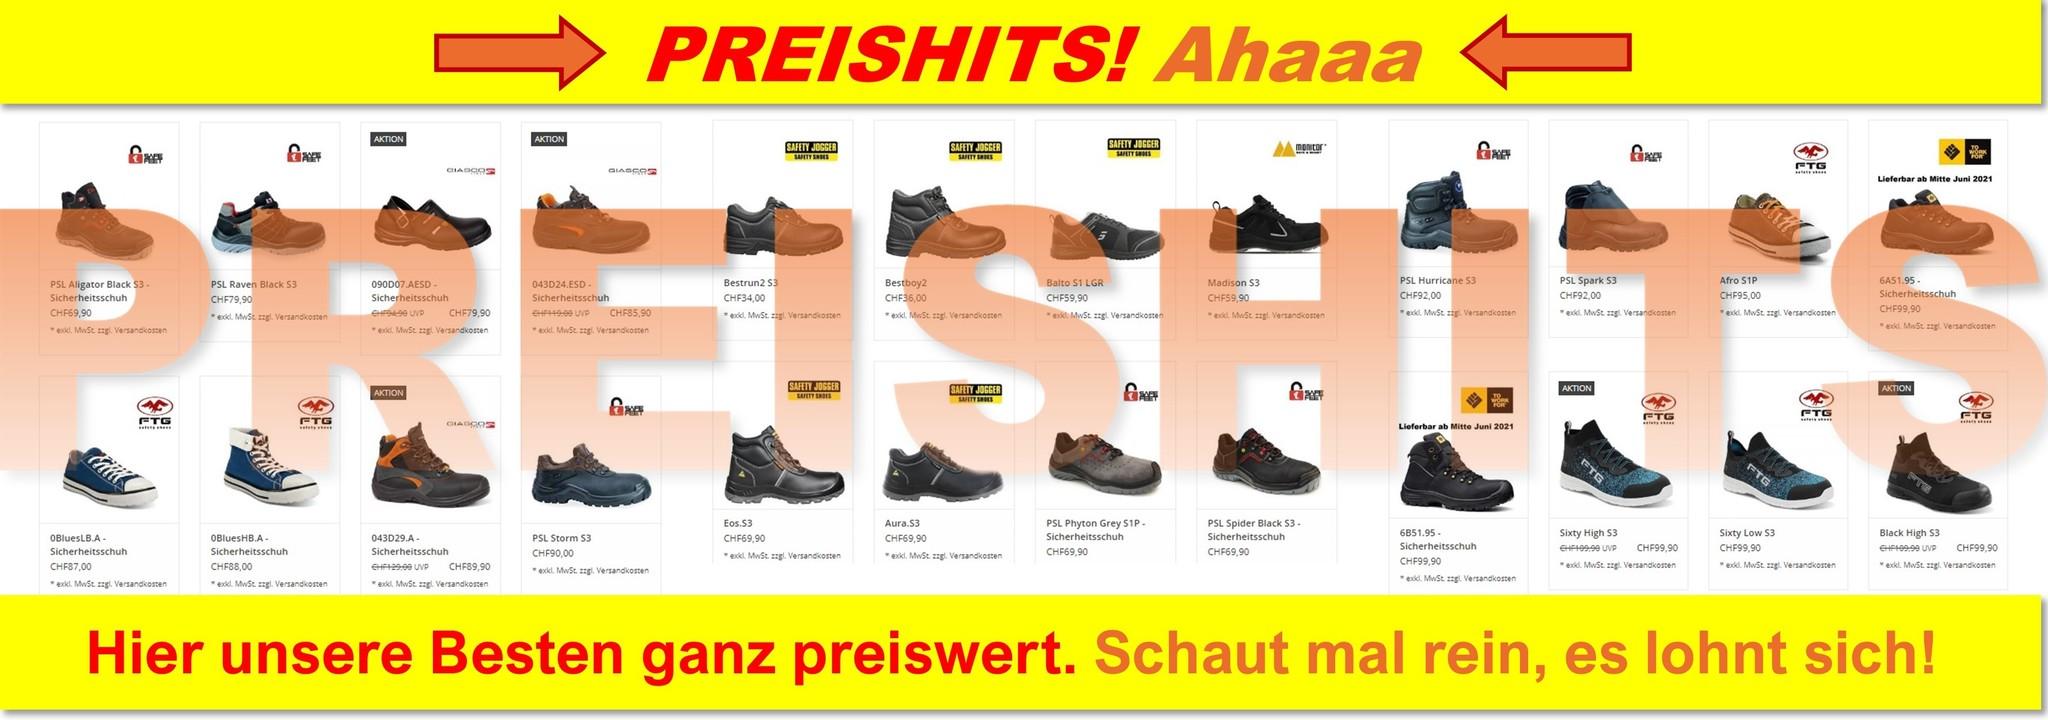 PREISHITS! Ahaa